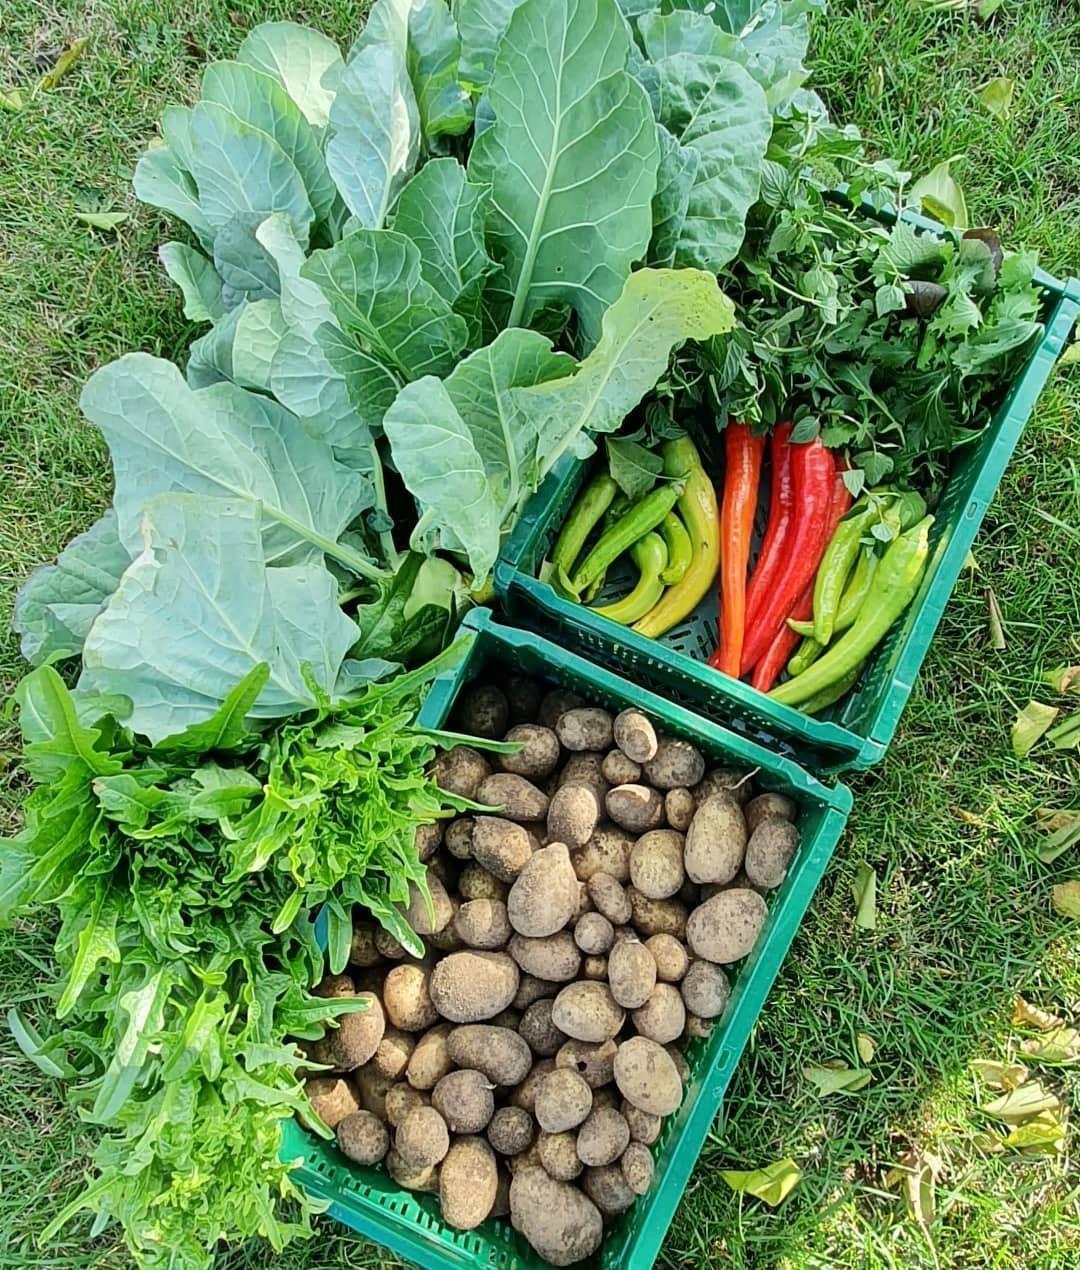 Eigene Nahrung Anbauen Unser Garten Hat Gut 300 Qm Fairerweise Muss Ich Sagen Dass Moppi Grund Und Boden Gepachtet Hat Und Ich Mich Mit Meinen Vielen Blume